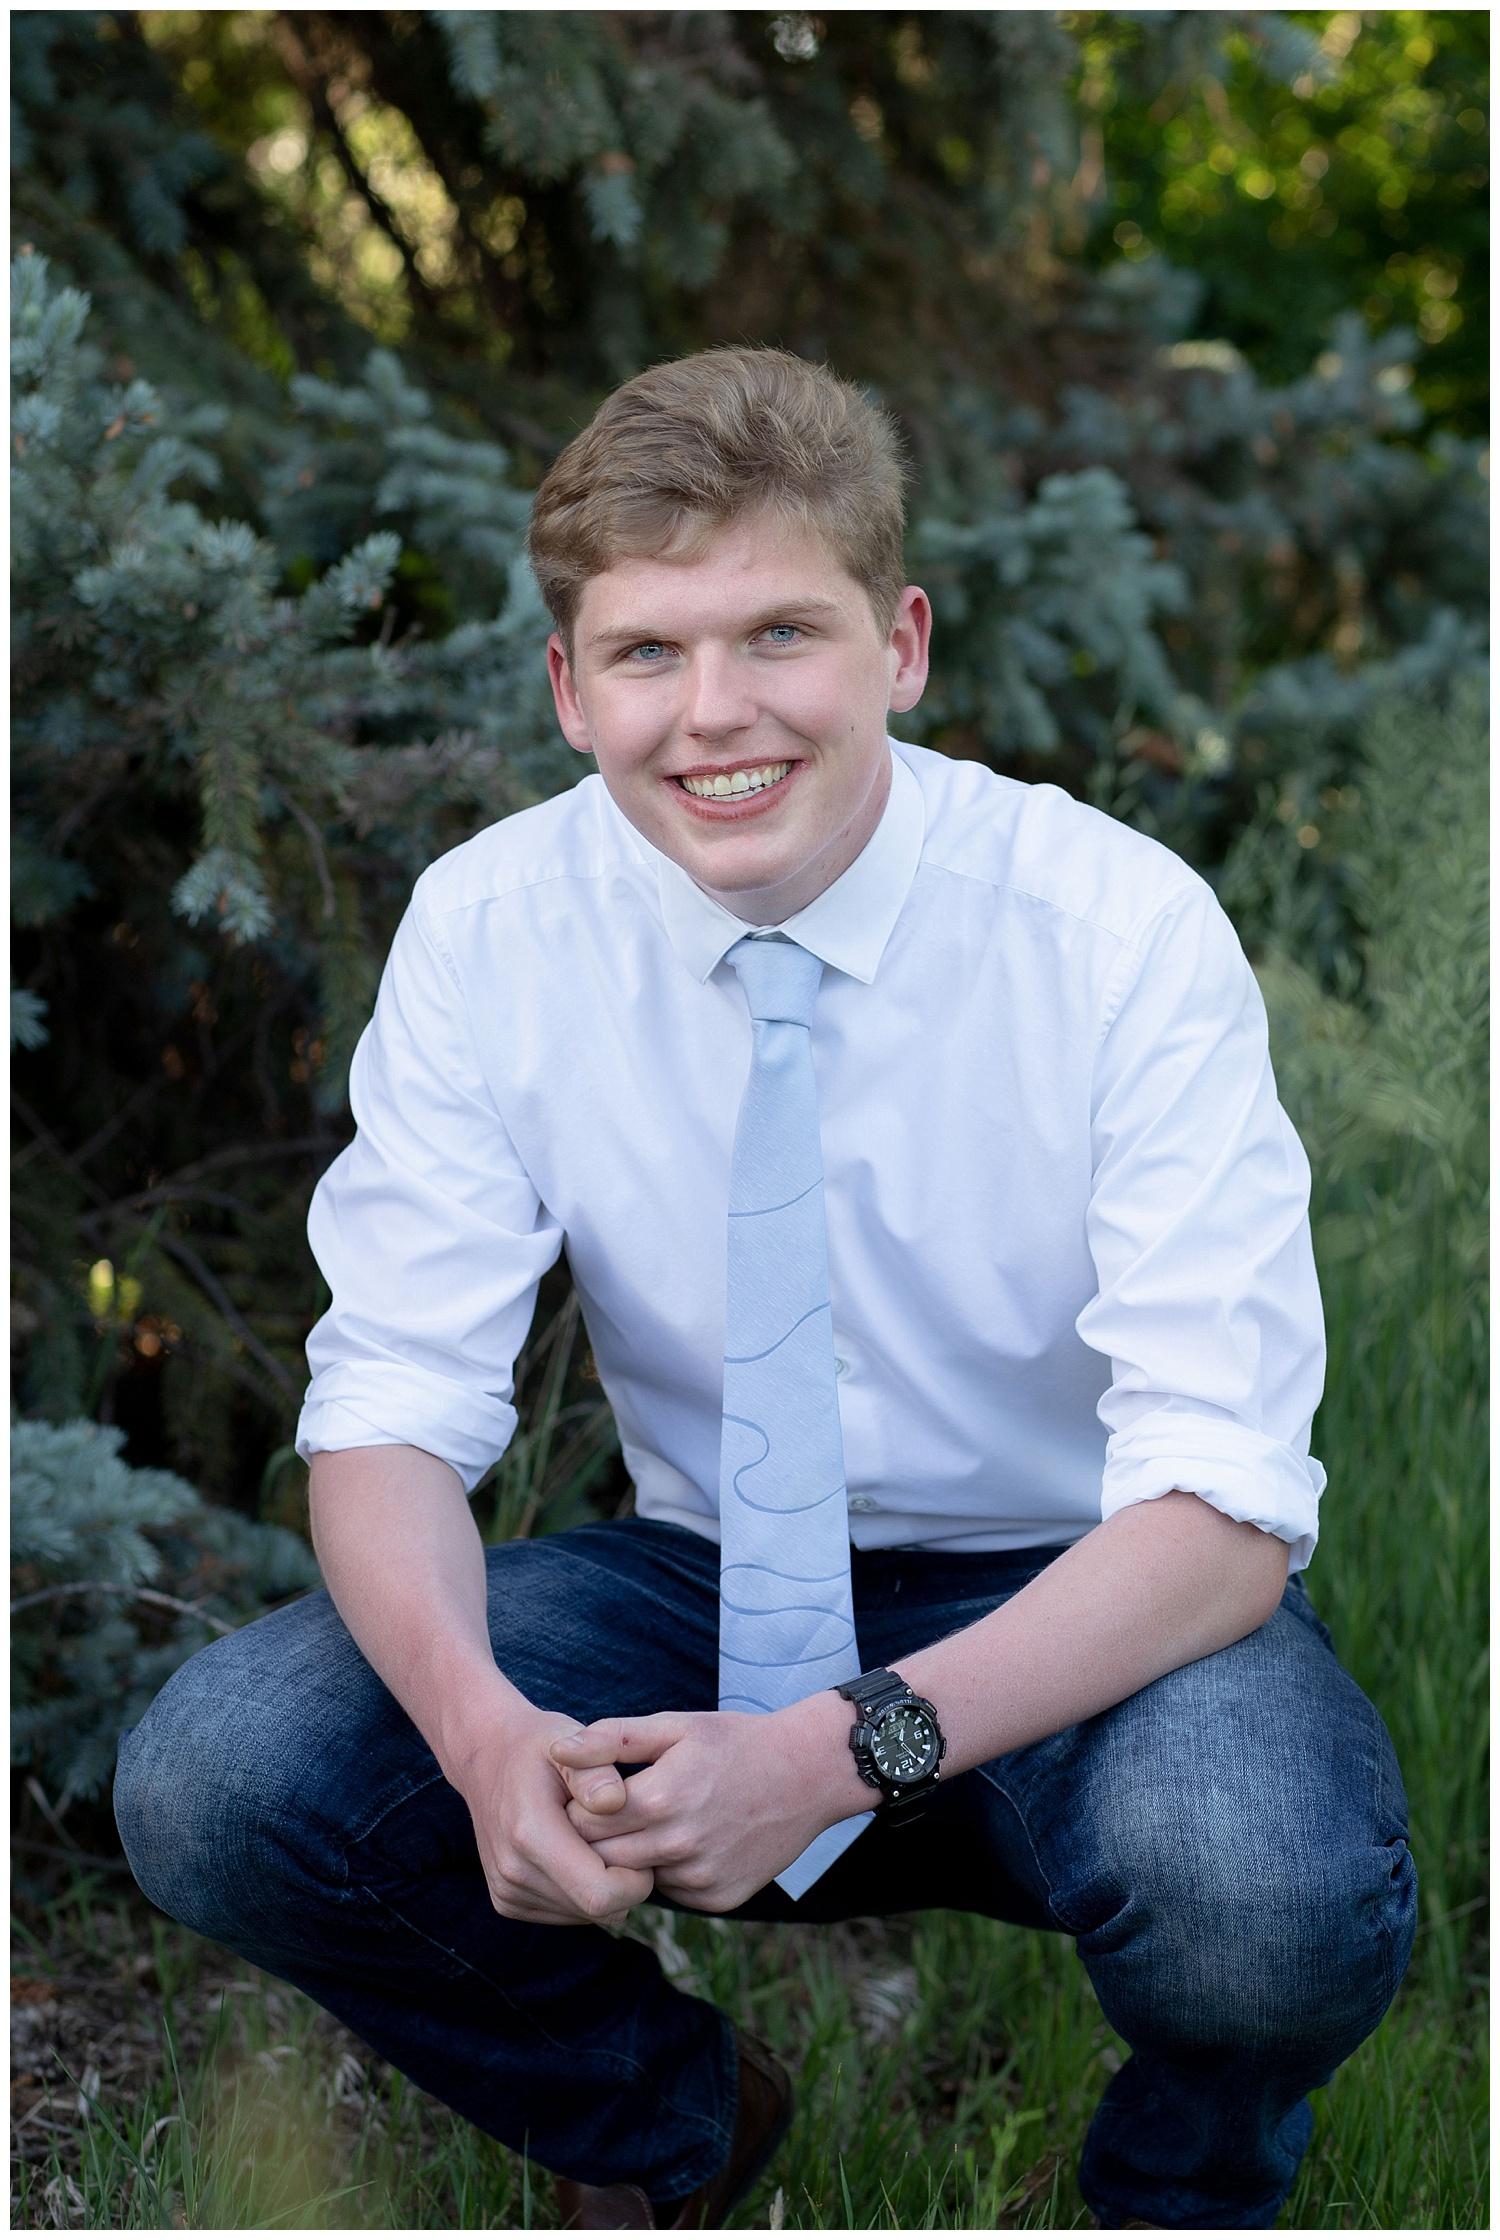 Grant - Kent Denver School - Class of 2020